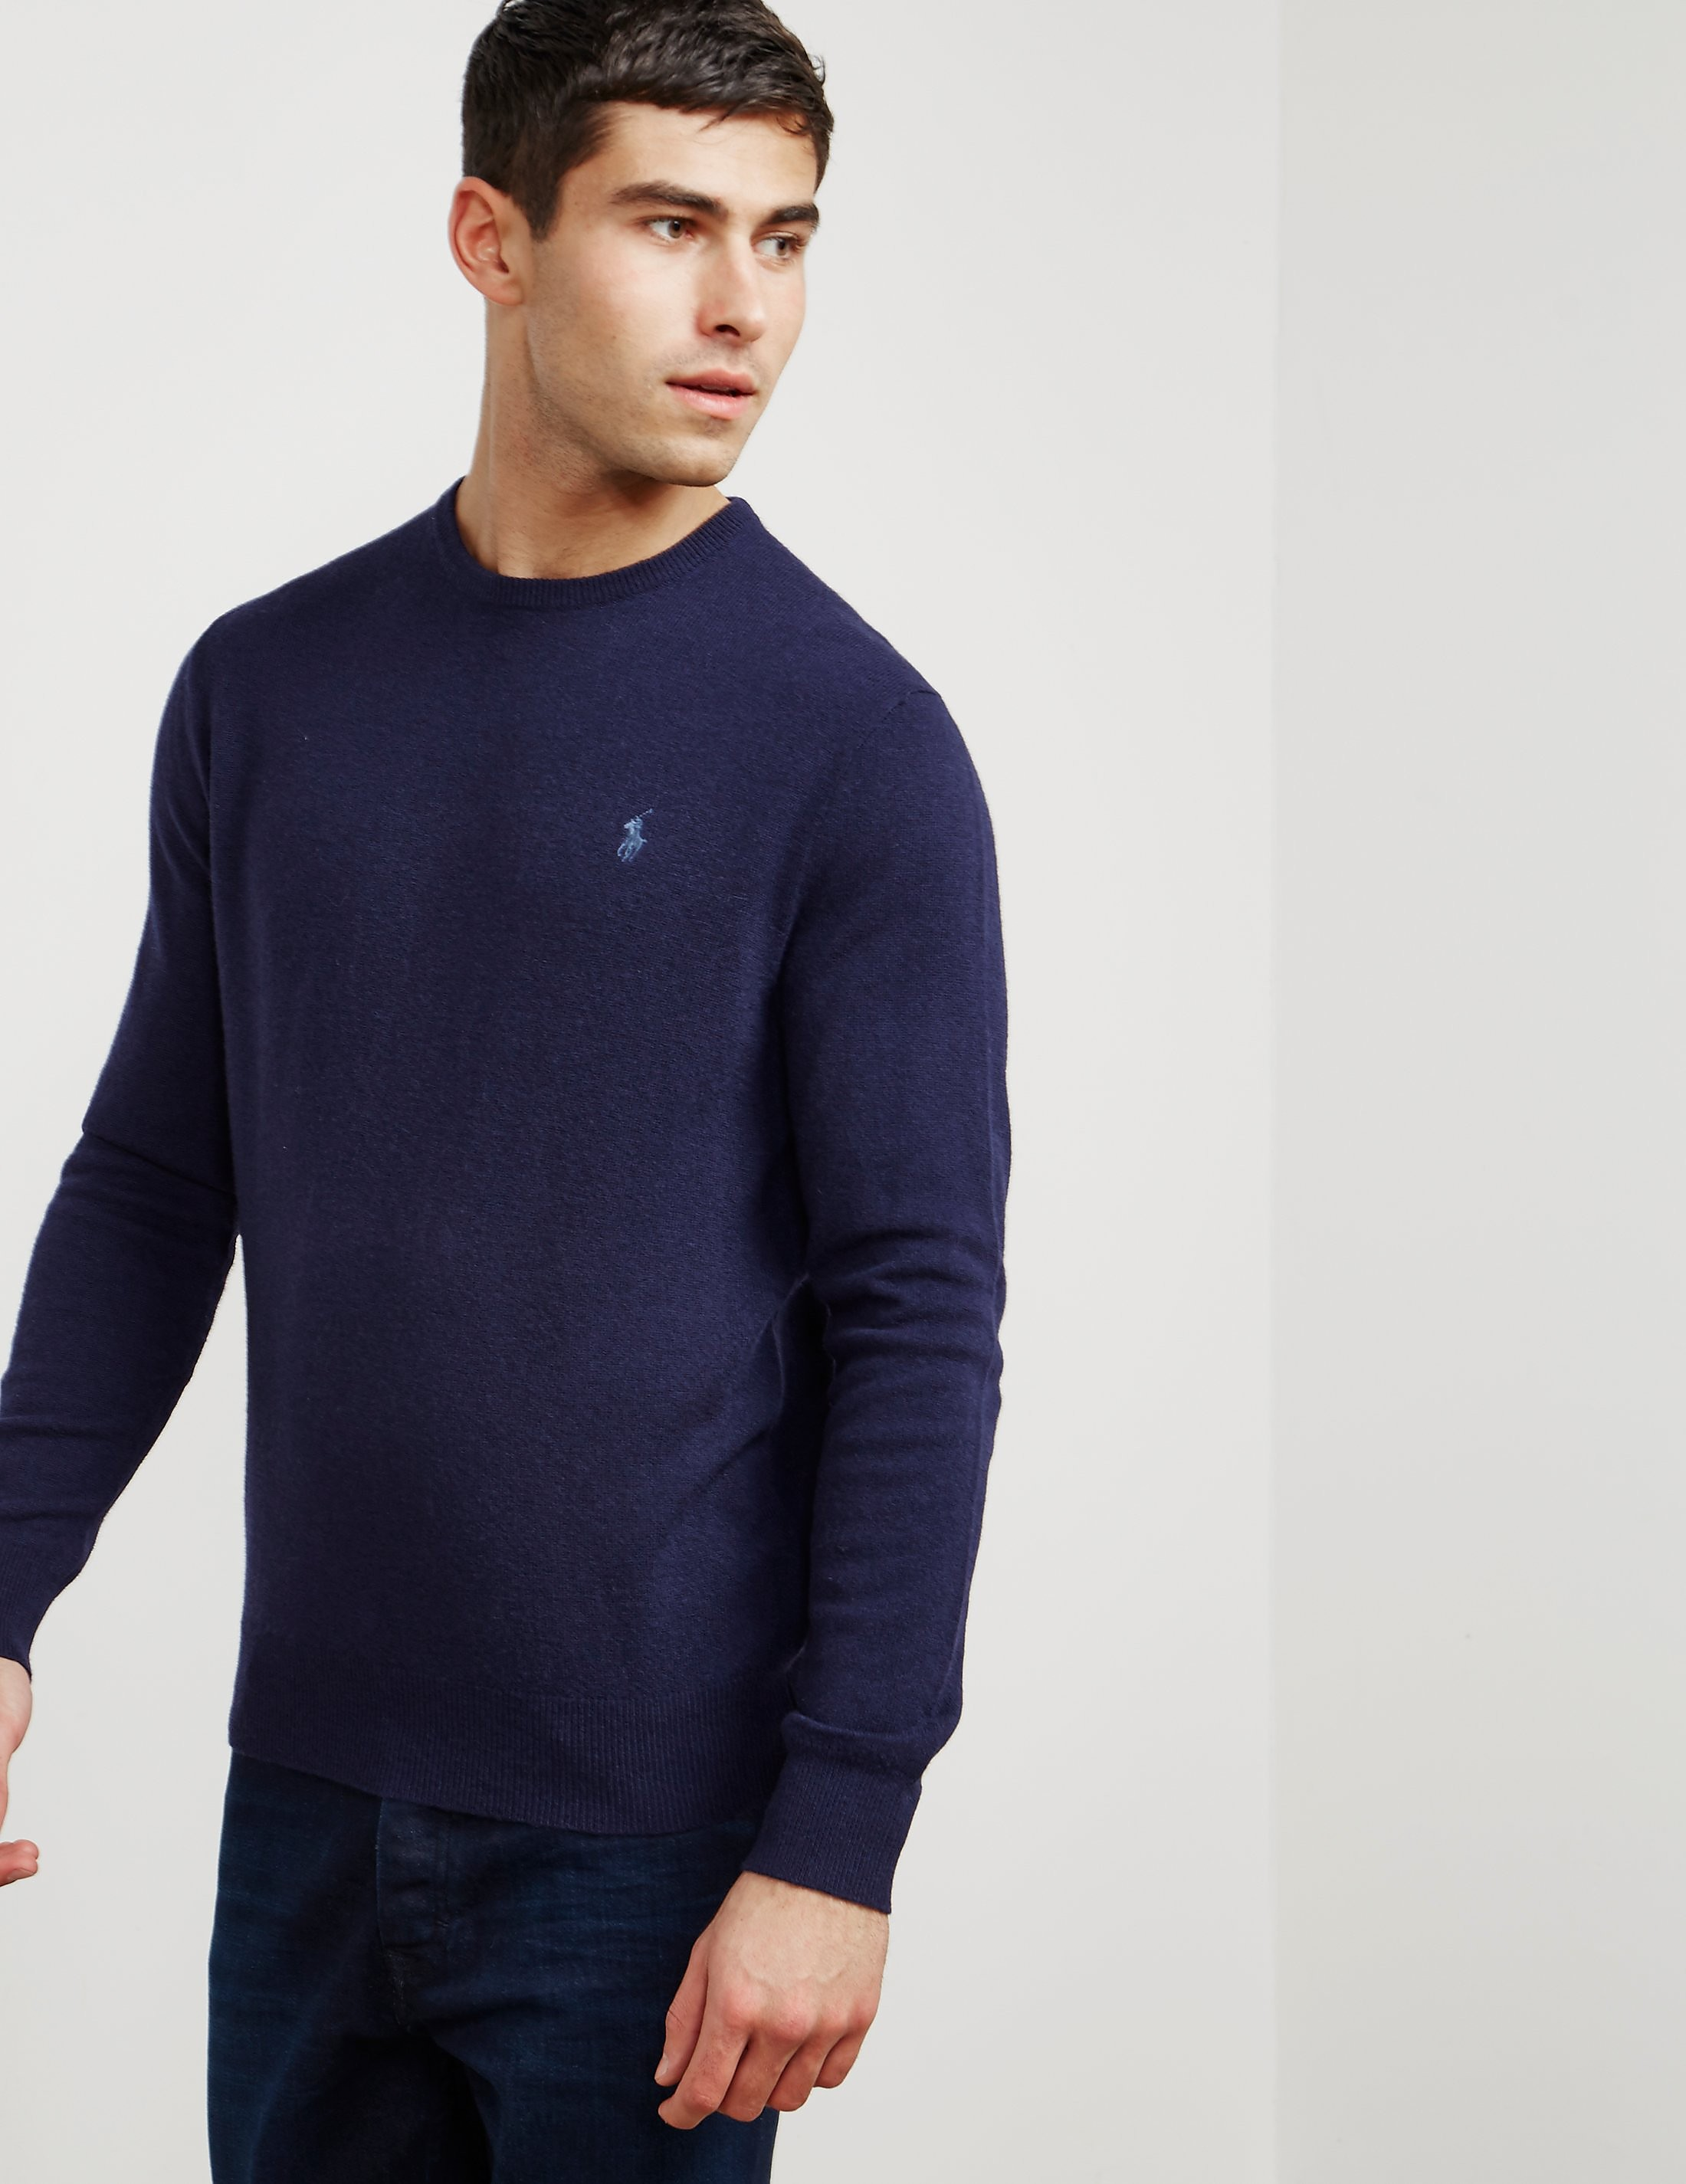 Polo Ralph Lauren Wool Knitted Jumper